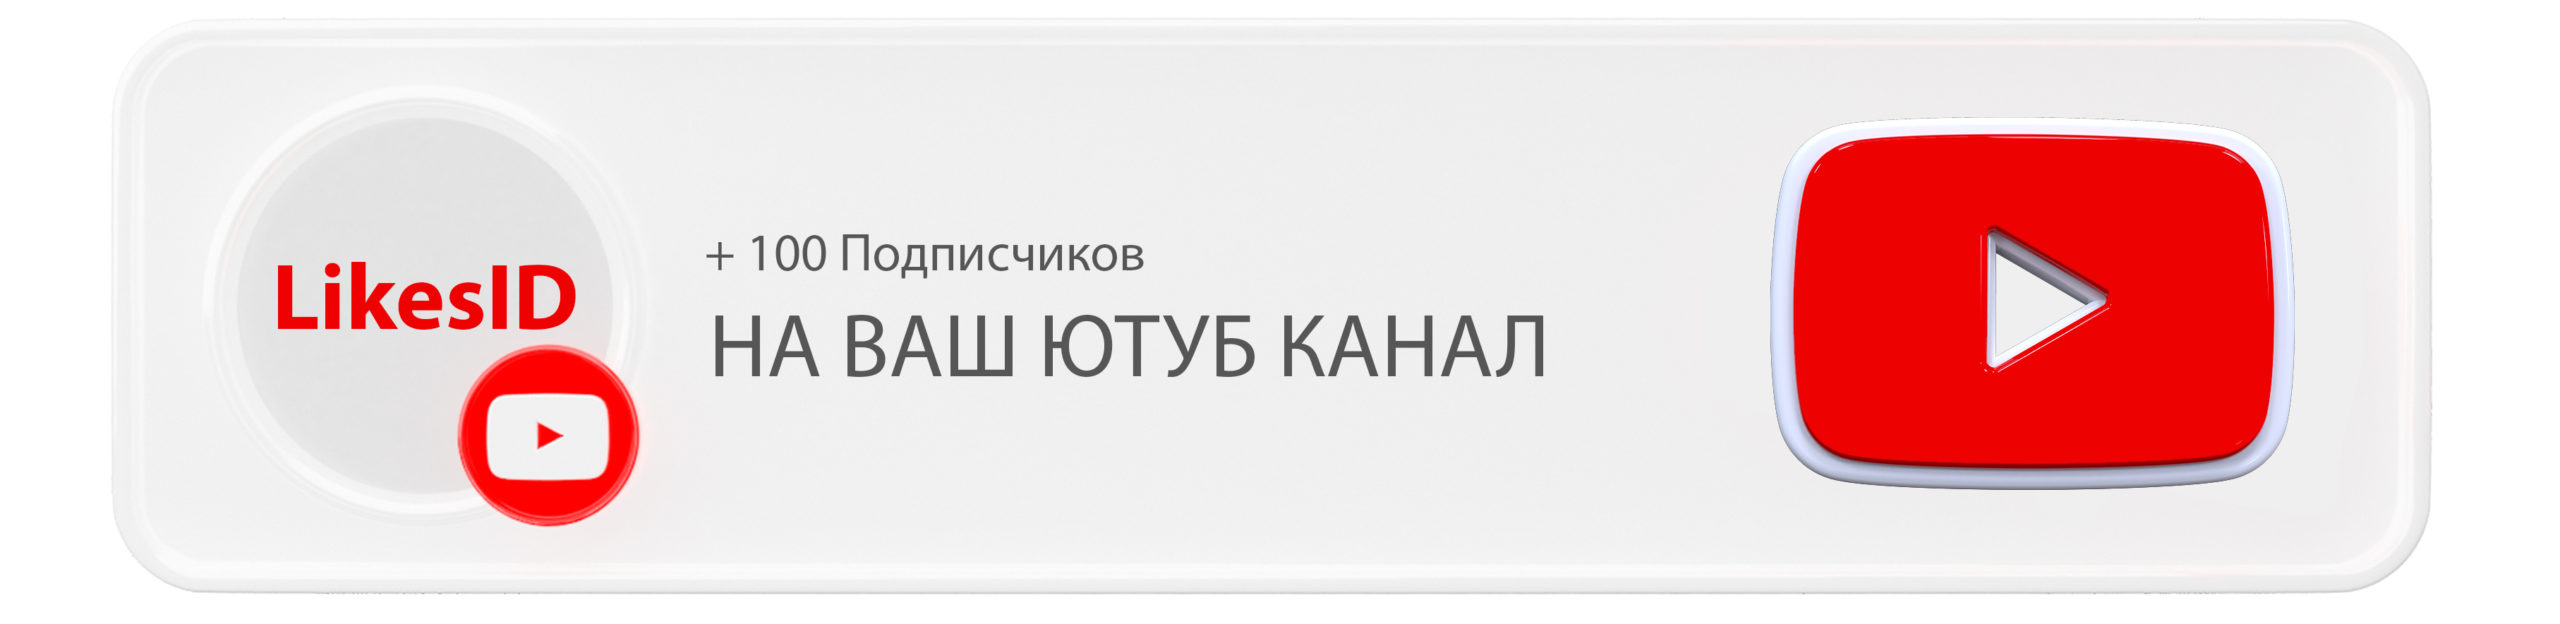 100 Подписчиков на Ваш Ютуб канал с LikesID — изображение 1